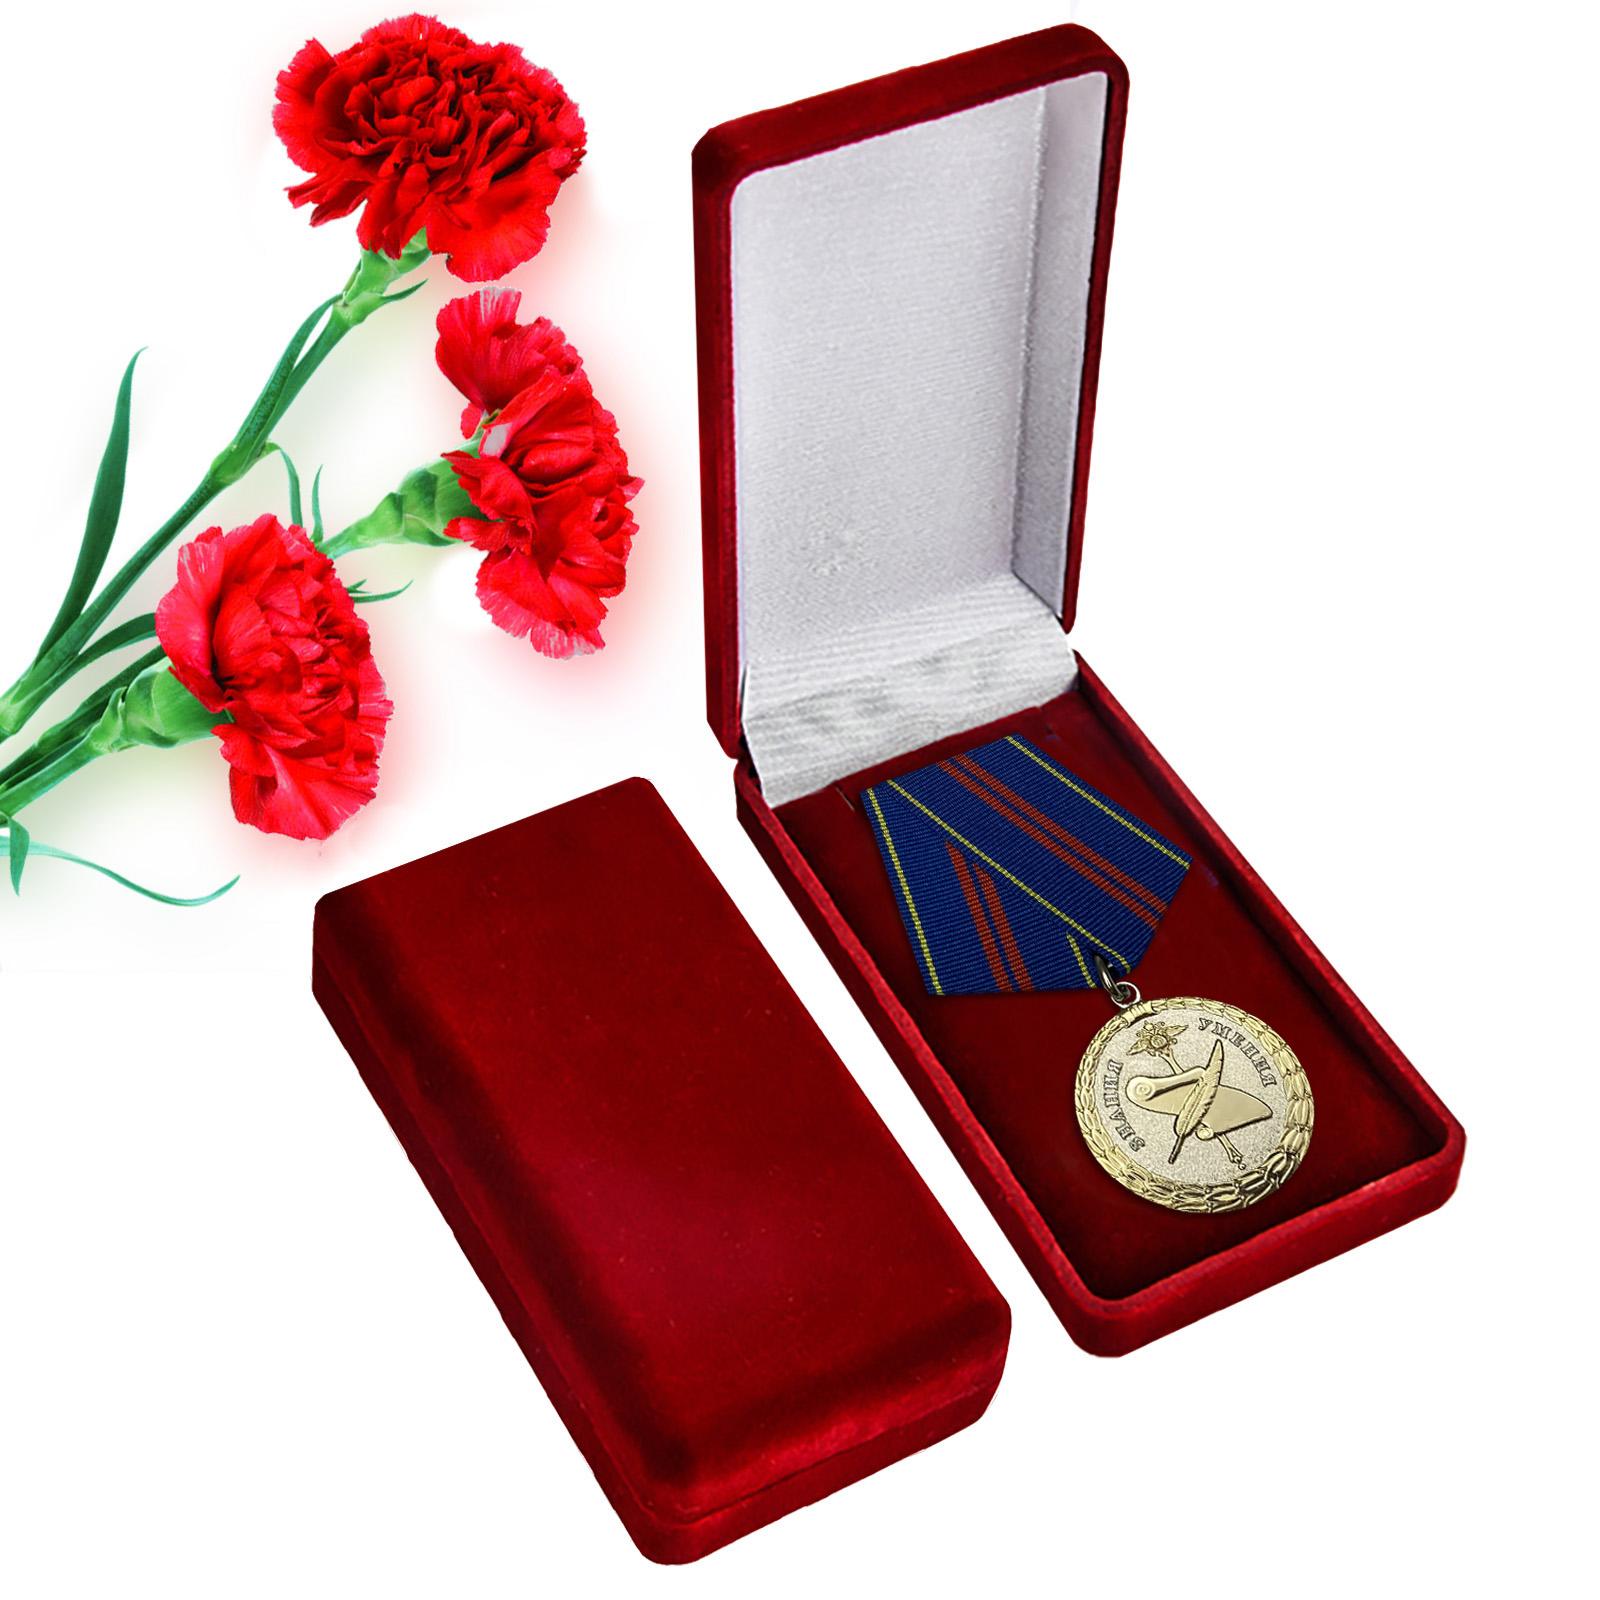 Купить медаль МВД России За управленческую деятельность 2 степени в подарок